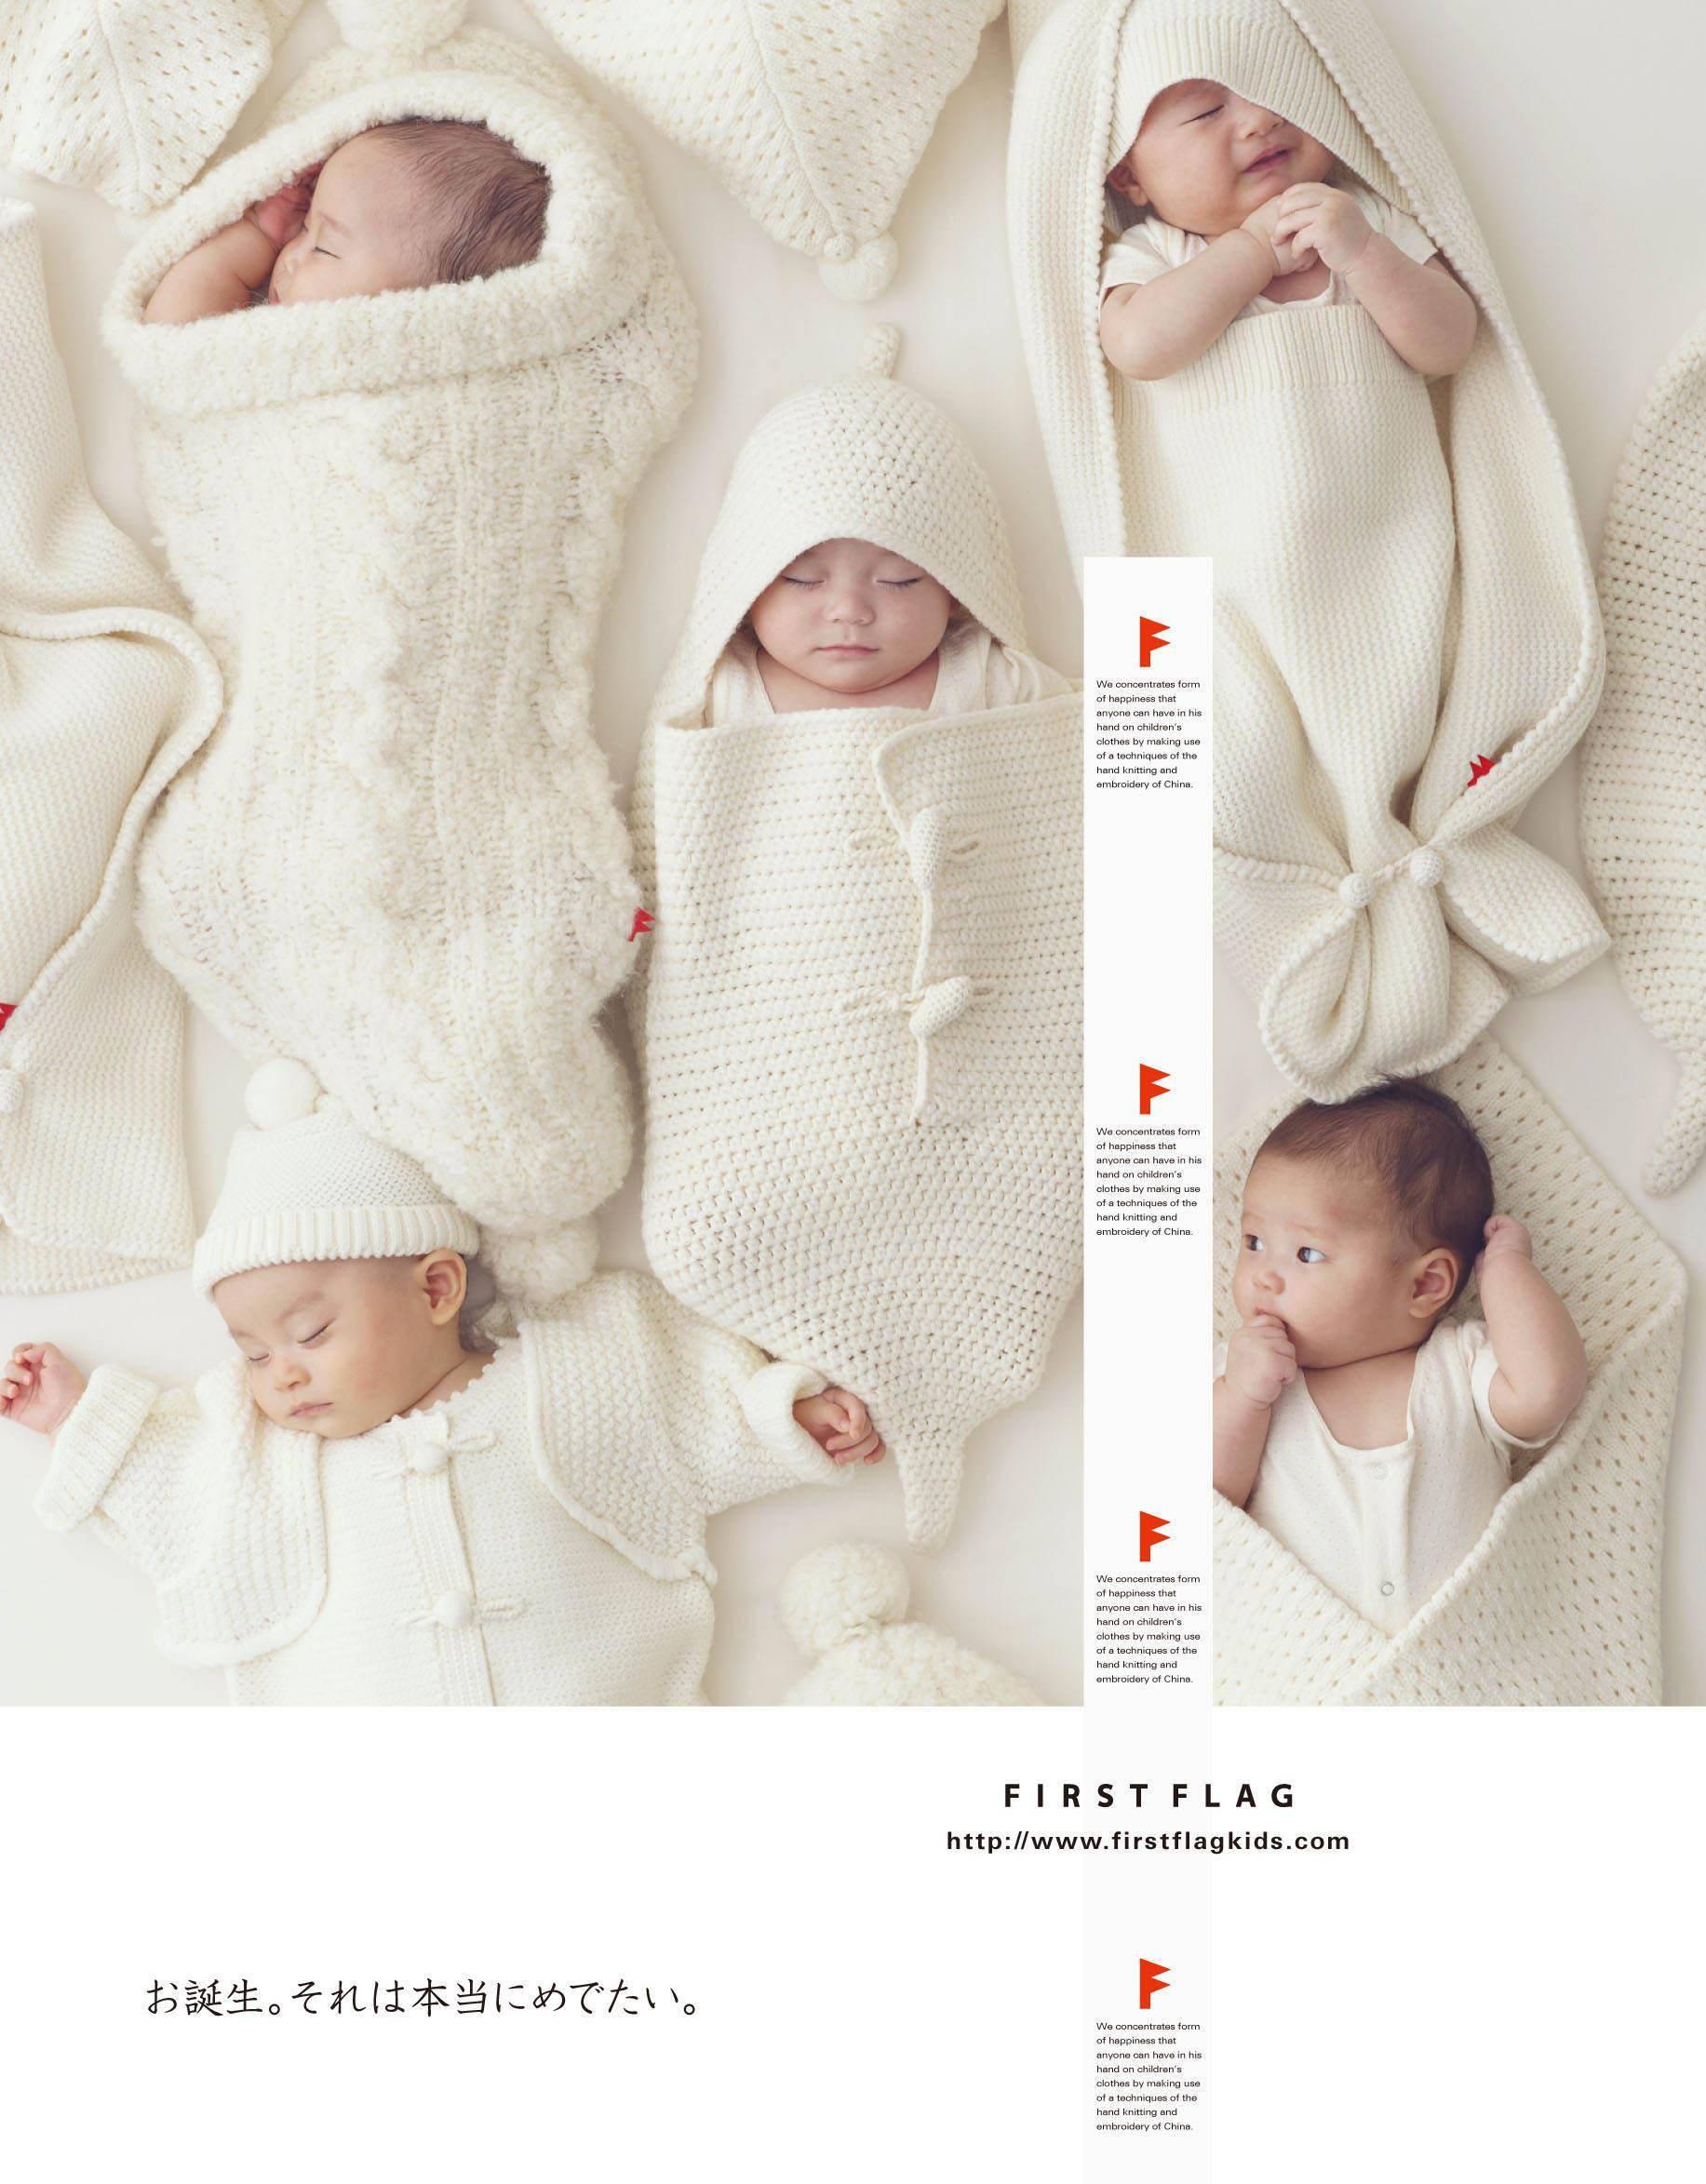 手作童装切入高端消费市场,「FIRSTFLAG」要打造国货奢侈童装品牌